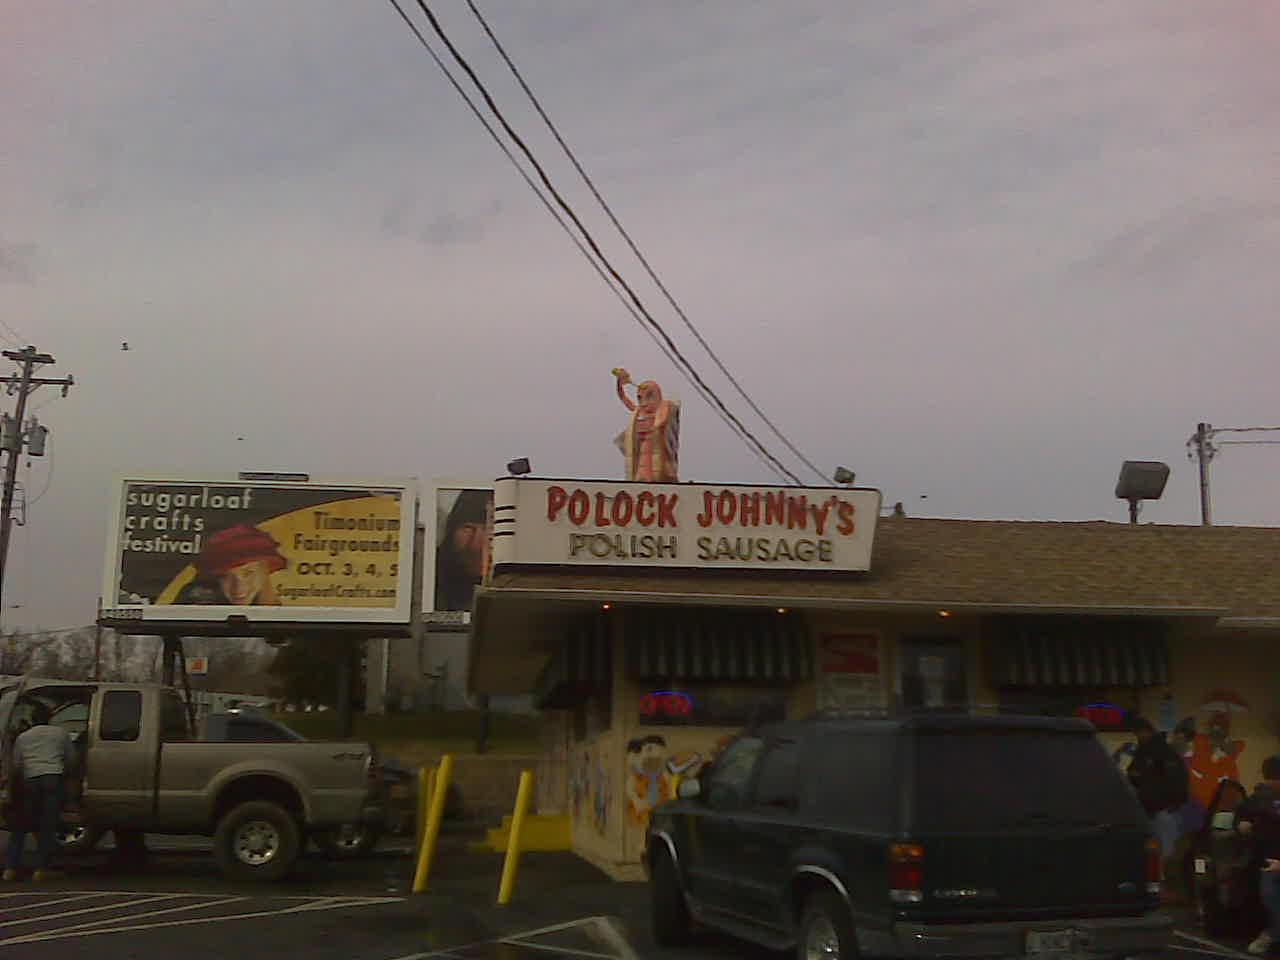 Pollock Johnnys Special Sauce Recipe Polock%2BJohnny%2527s%2Bfront